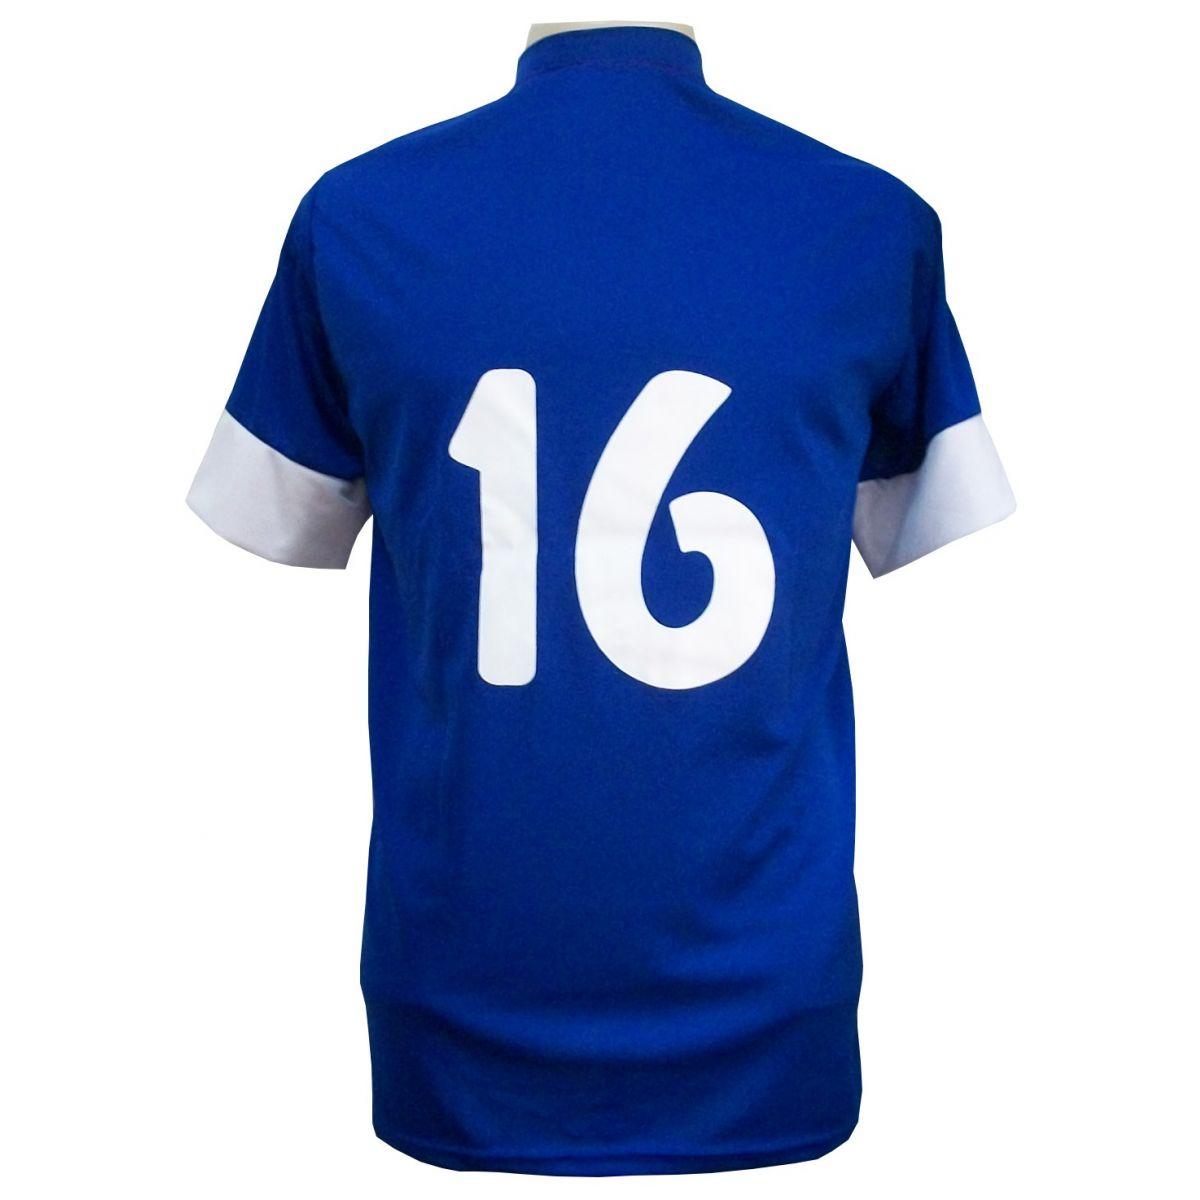 Jogo de Camisa com 14 unidades modelo Sporting Royal/Vermelho/Branco + 1 Goleiro + Brindes